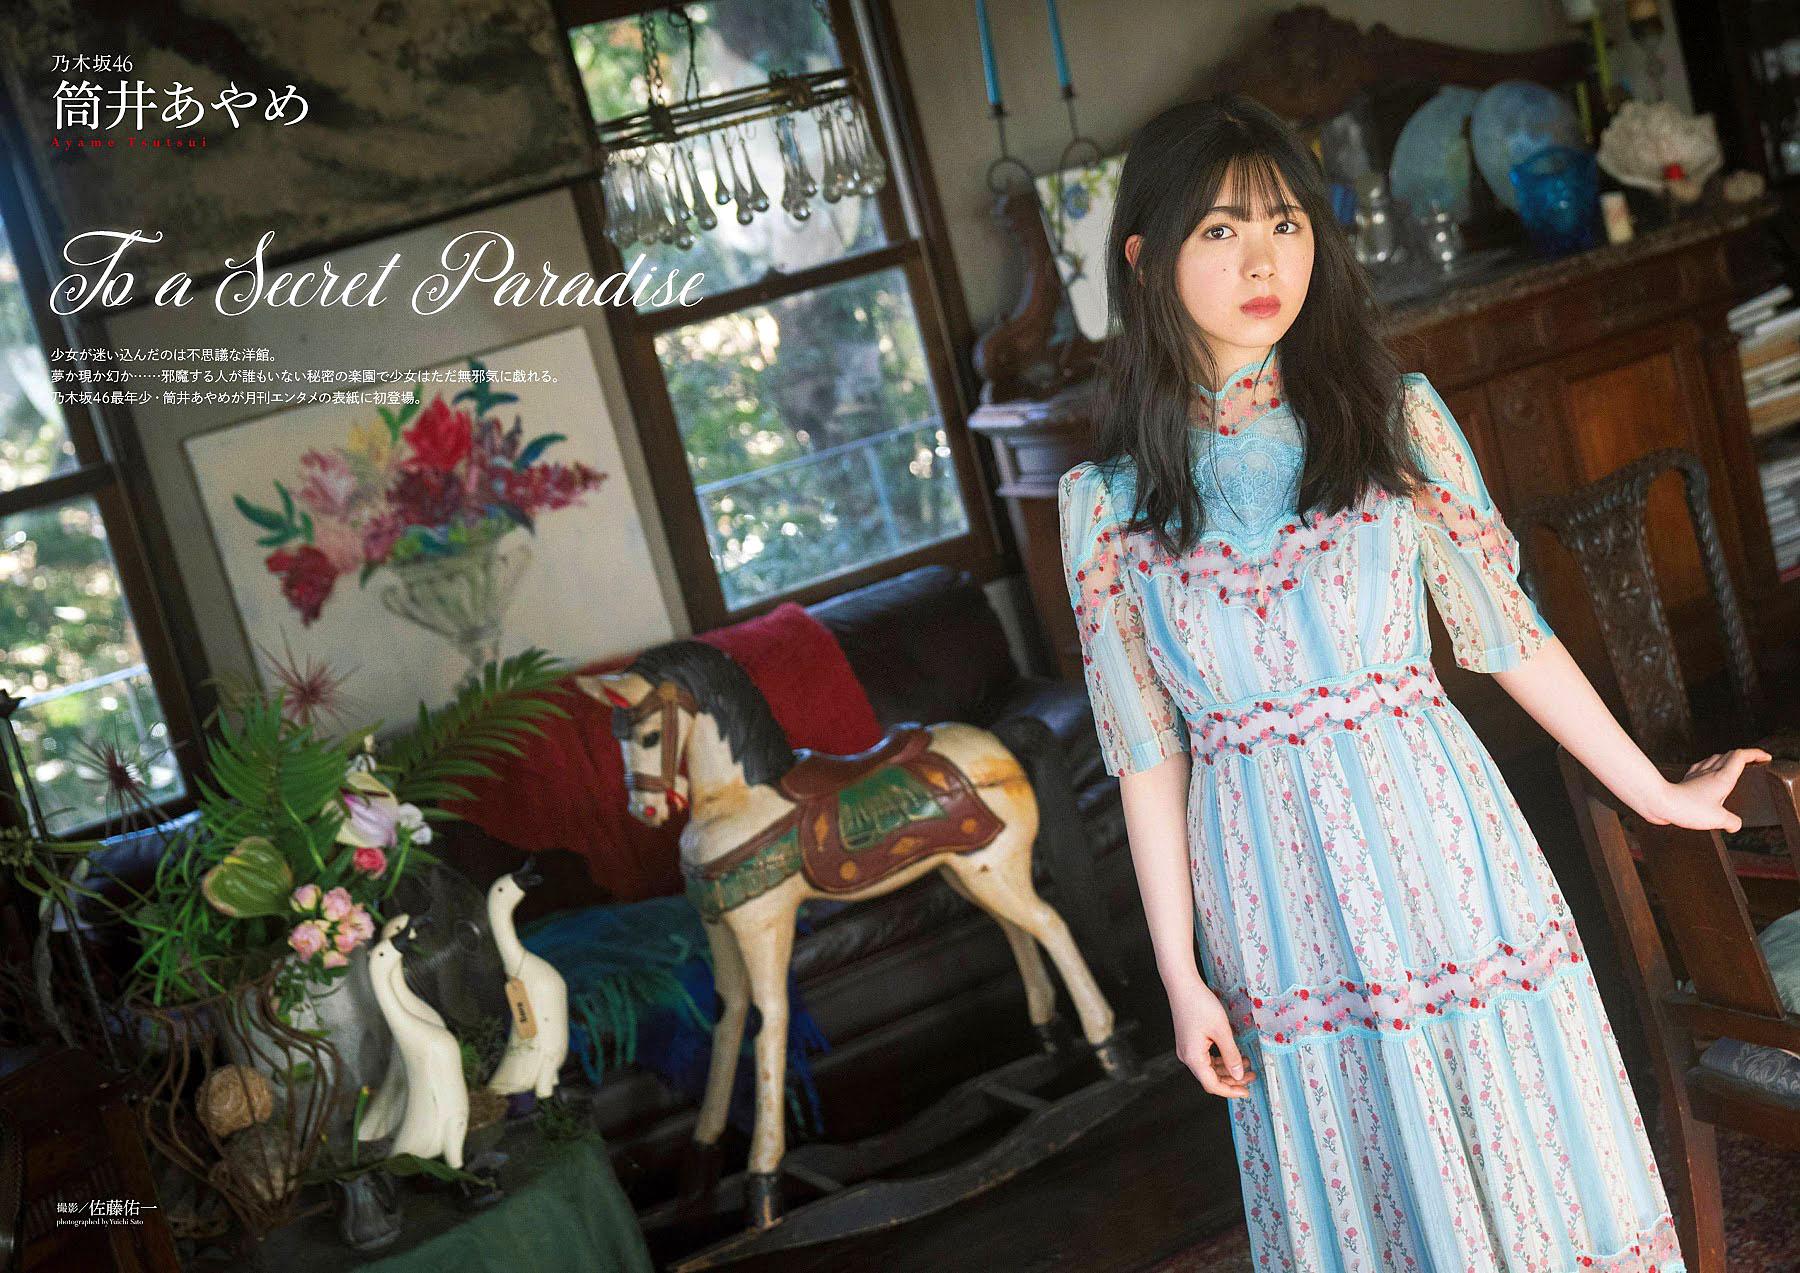 Ayame Tsutsui N46 EnTame 2103 02.jpg